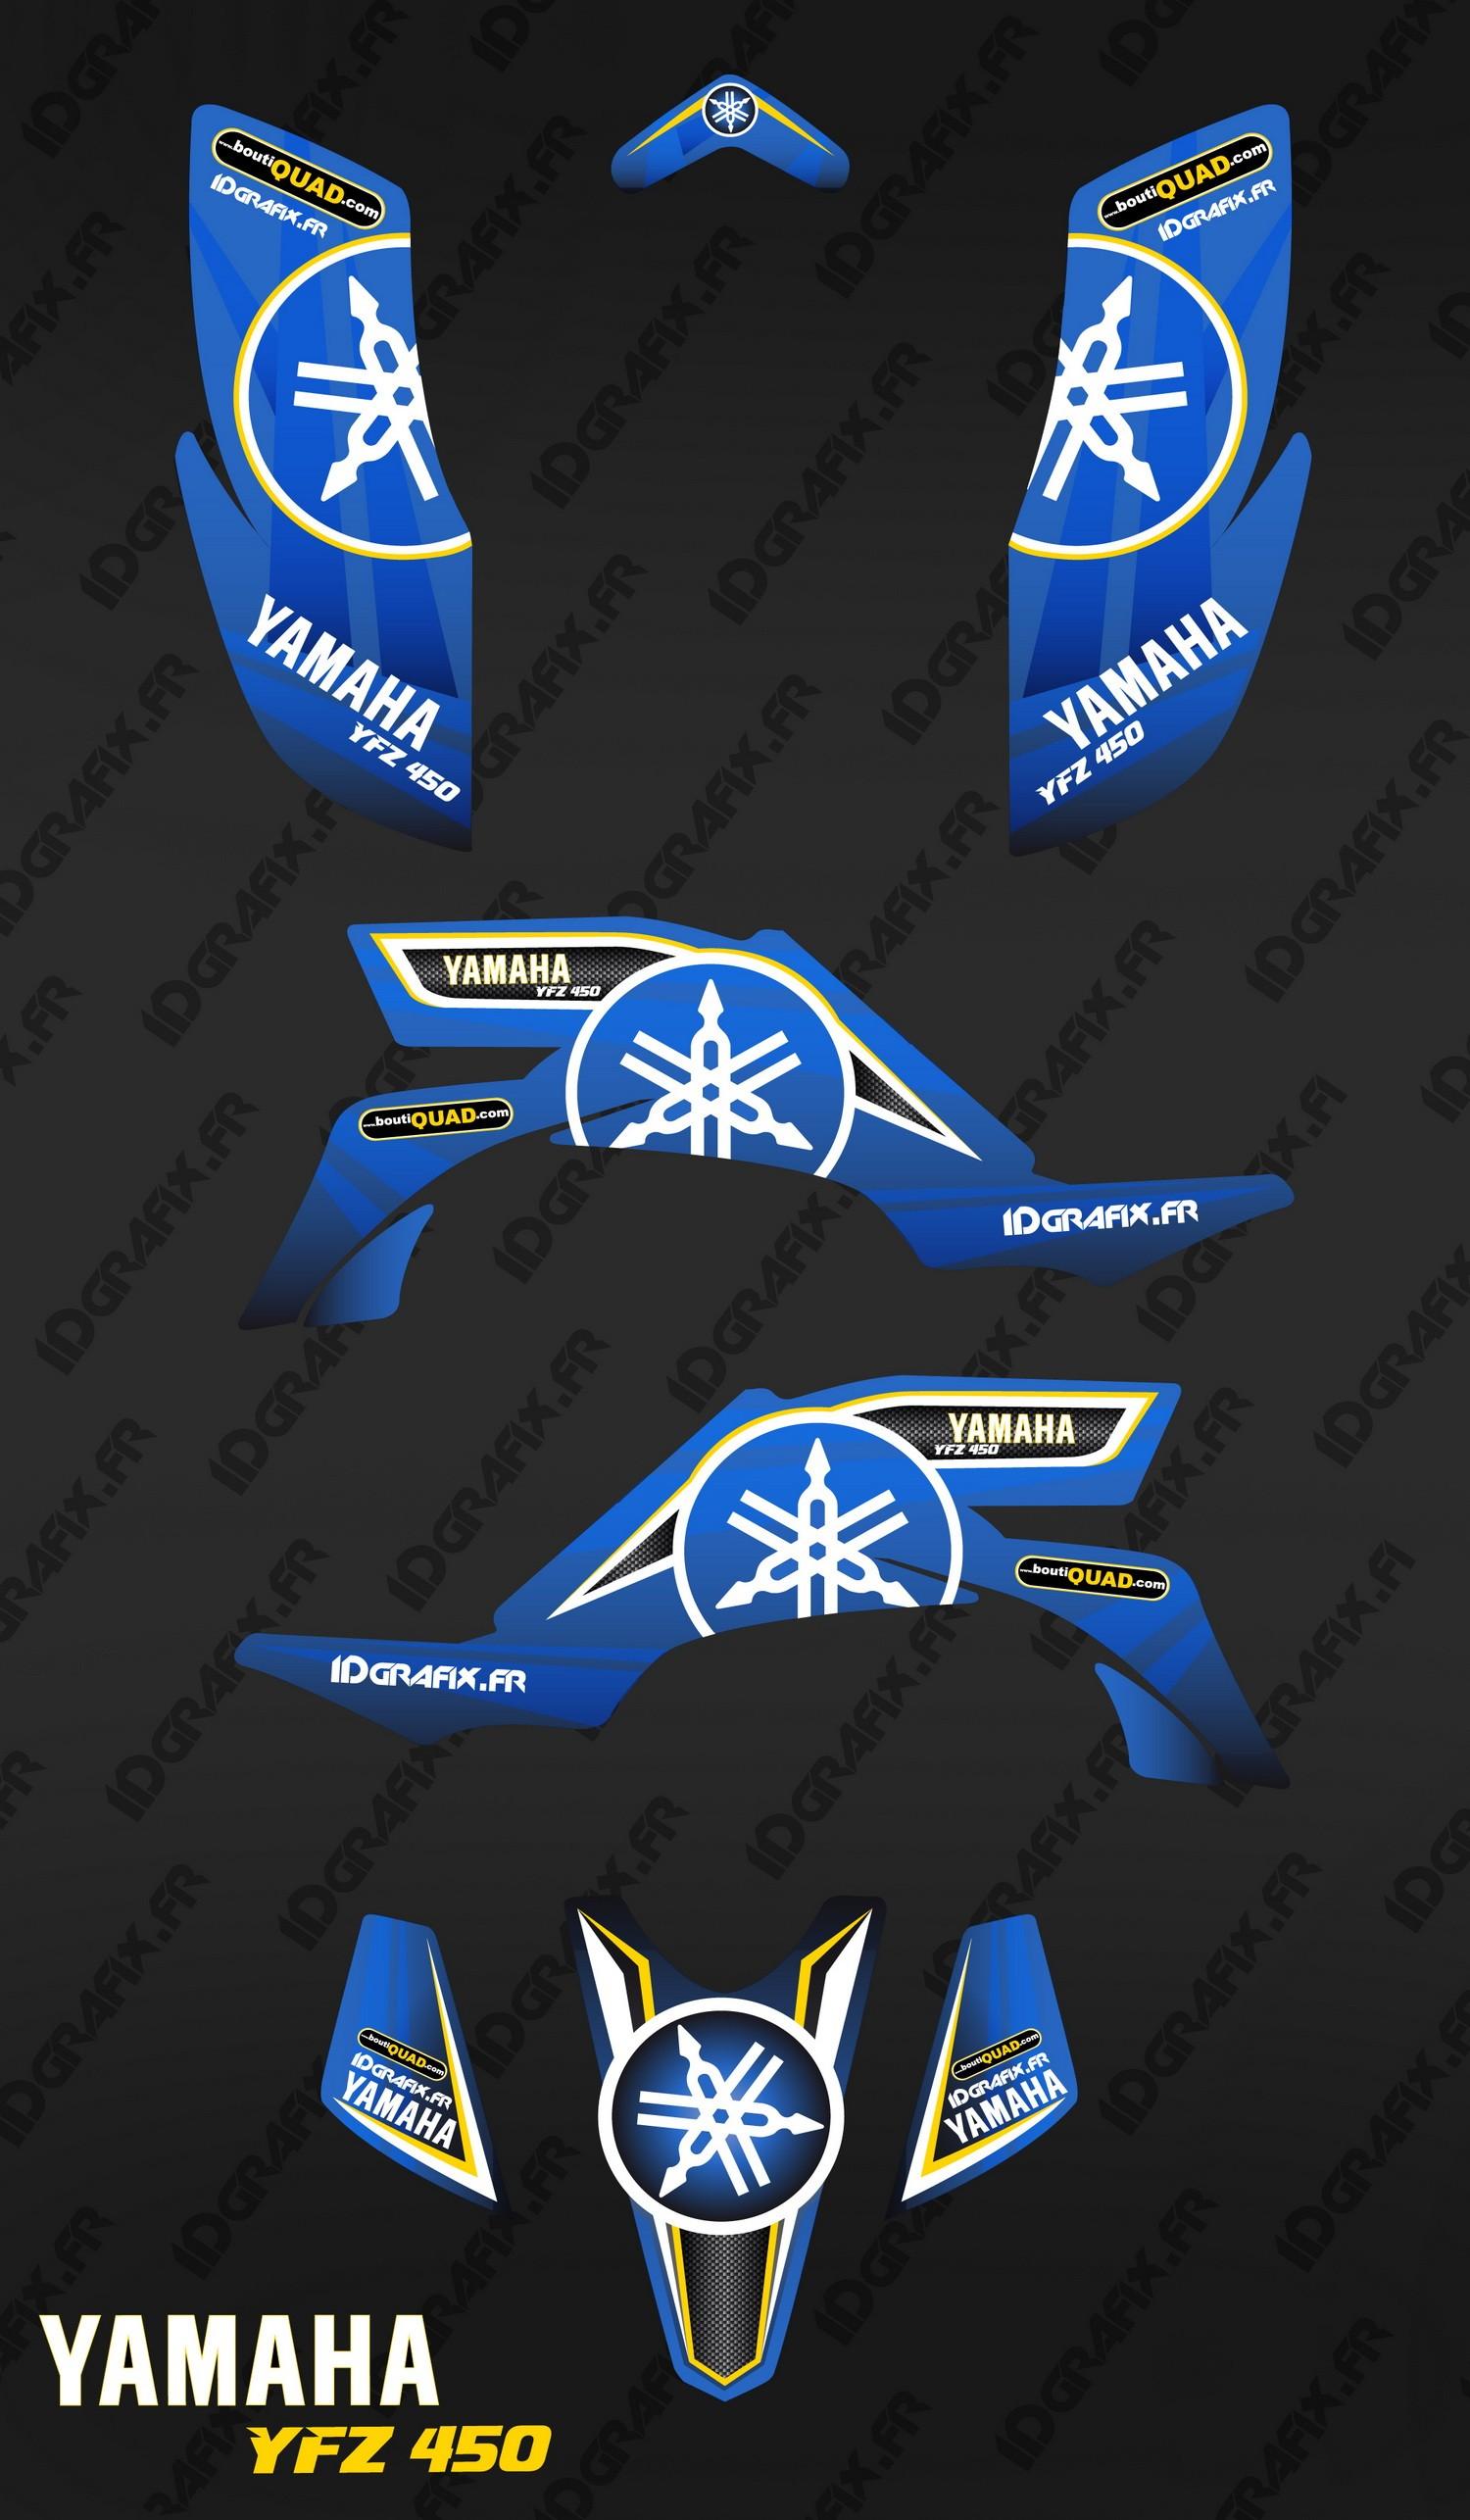 Kit Dekor Karbonik Blau